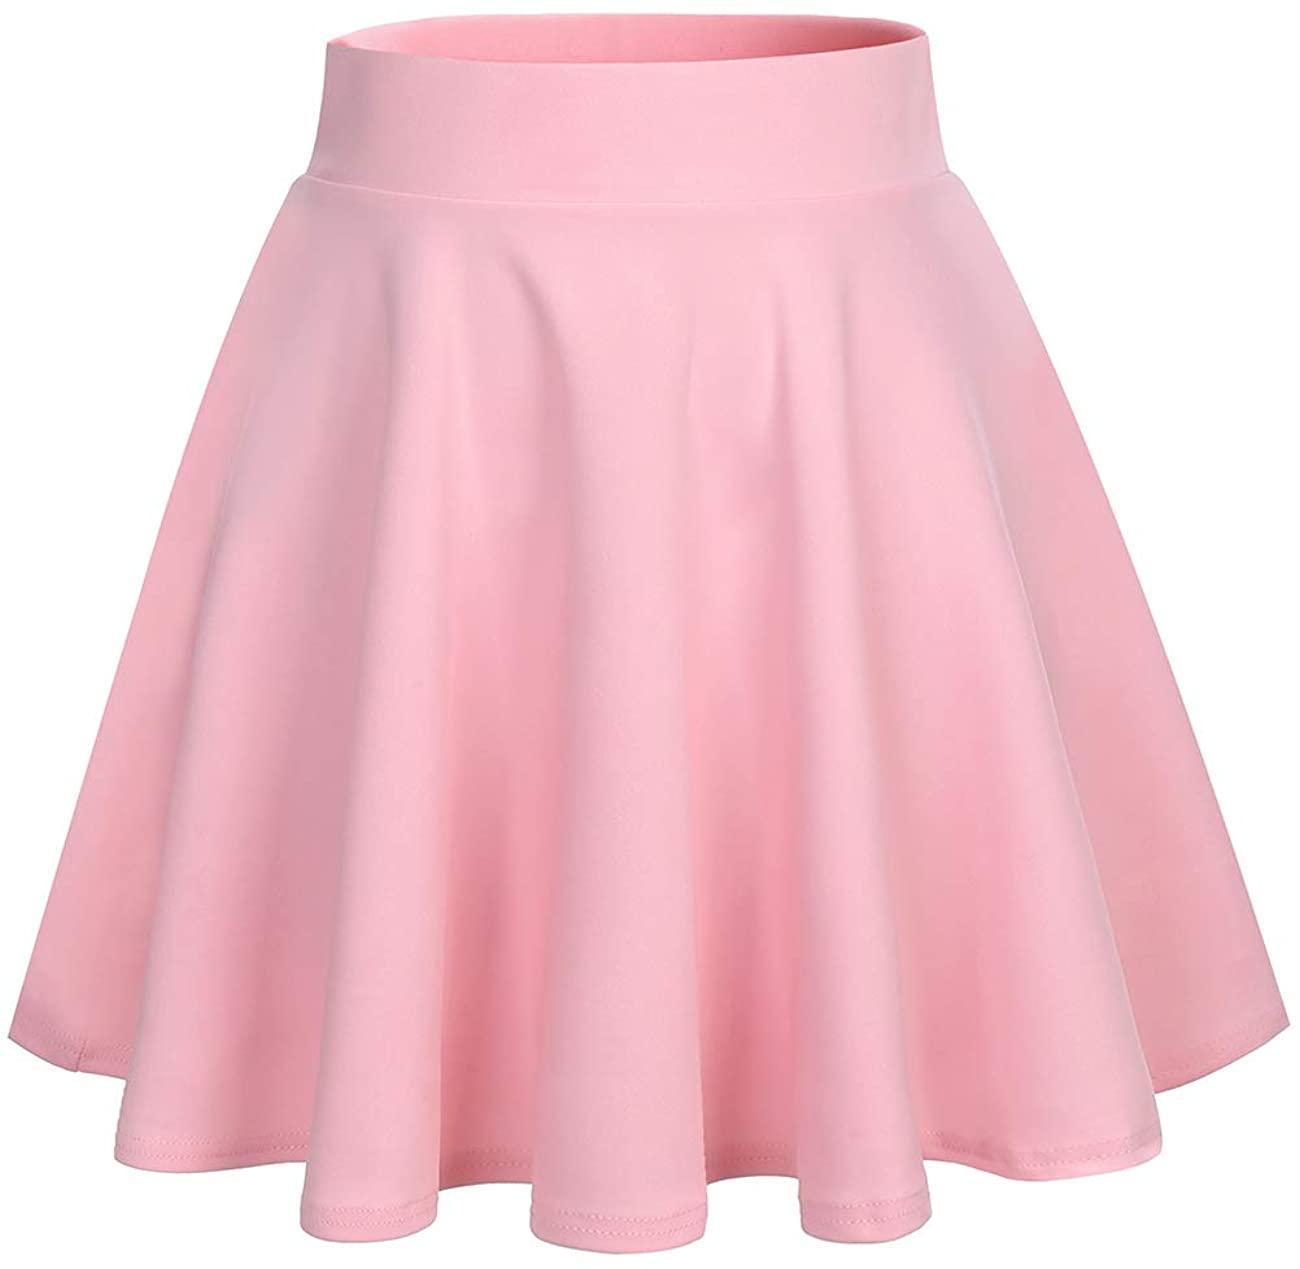 DRESSTELLS Women's Mini Skirt Basic High Waist Pleated Solid Casual Skater School Stretchy Skirt